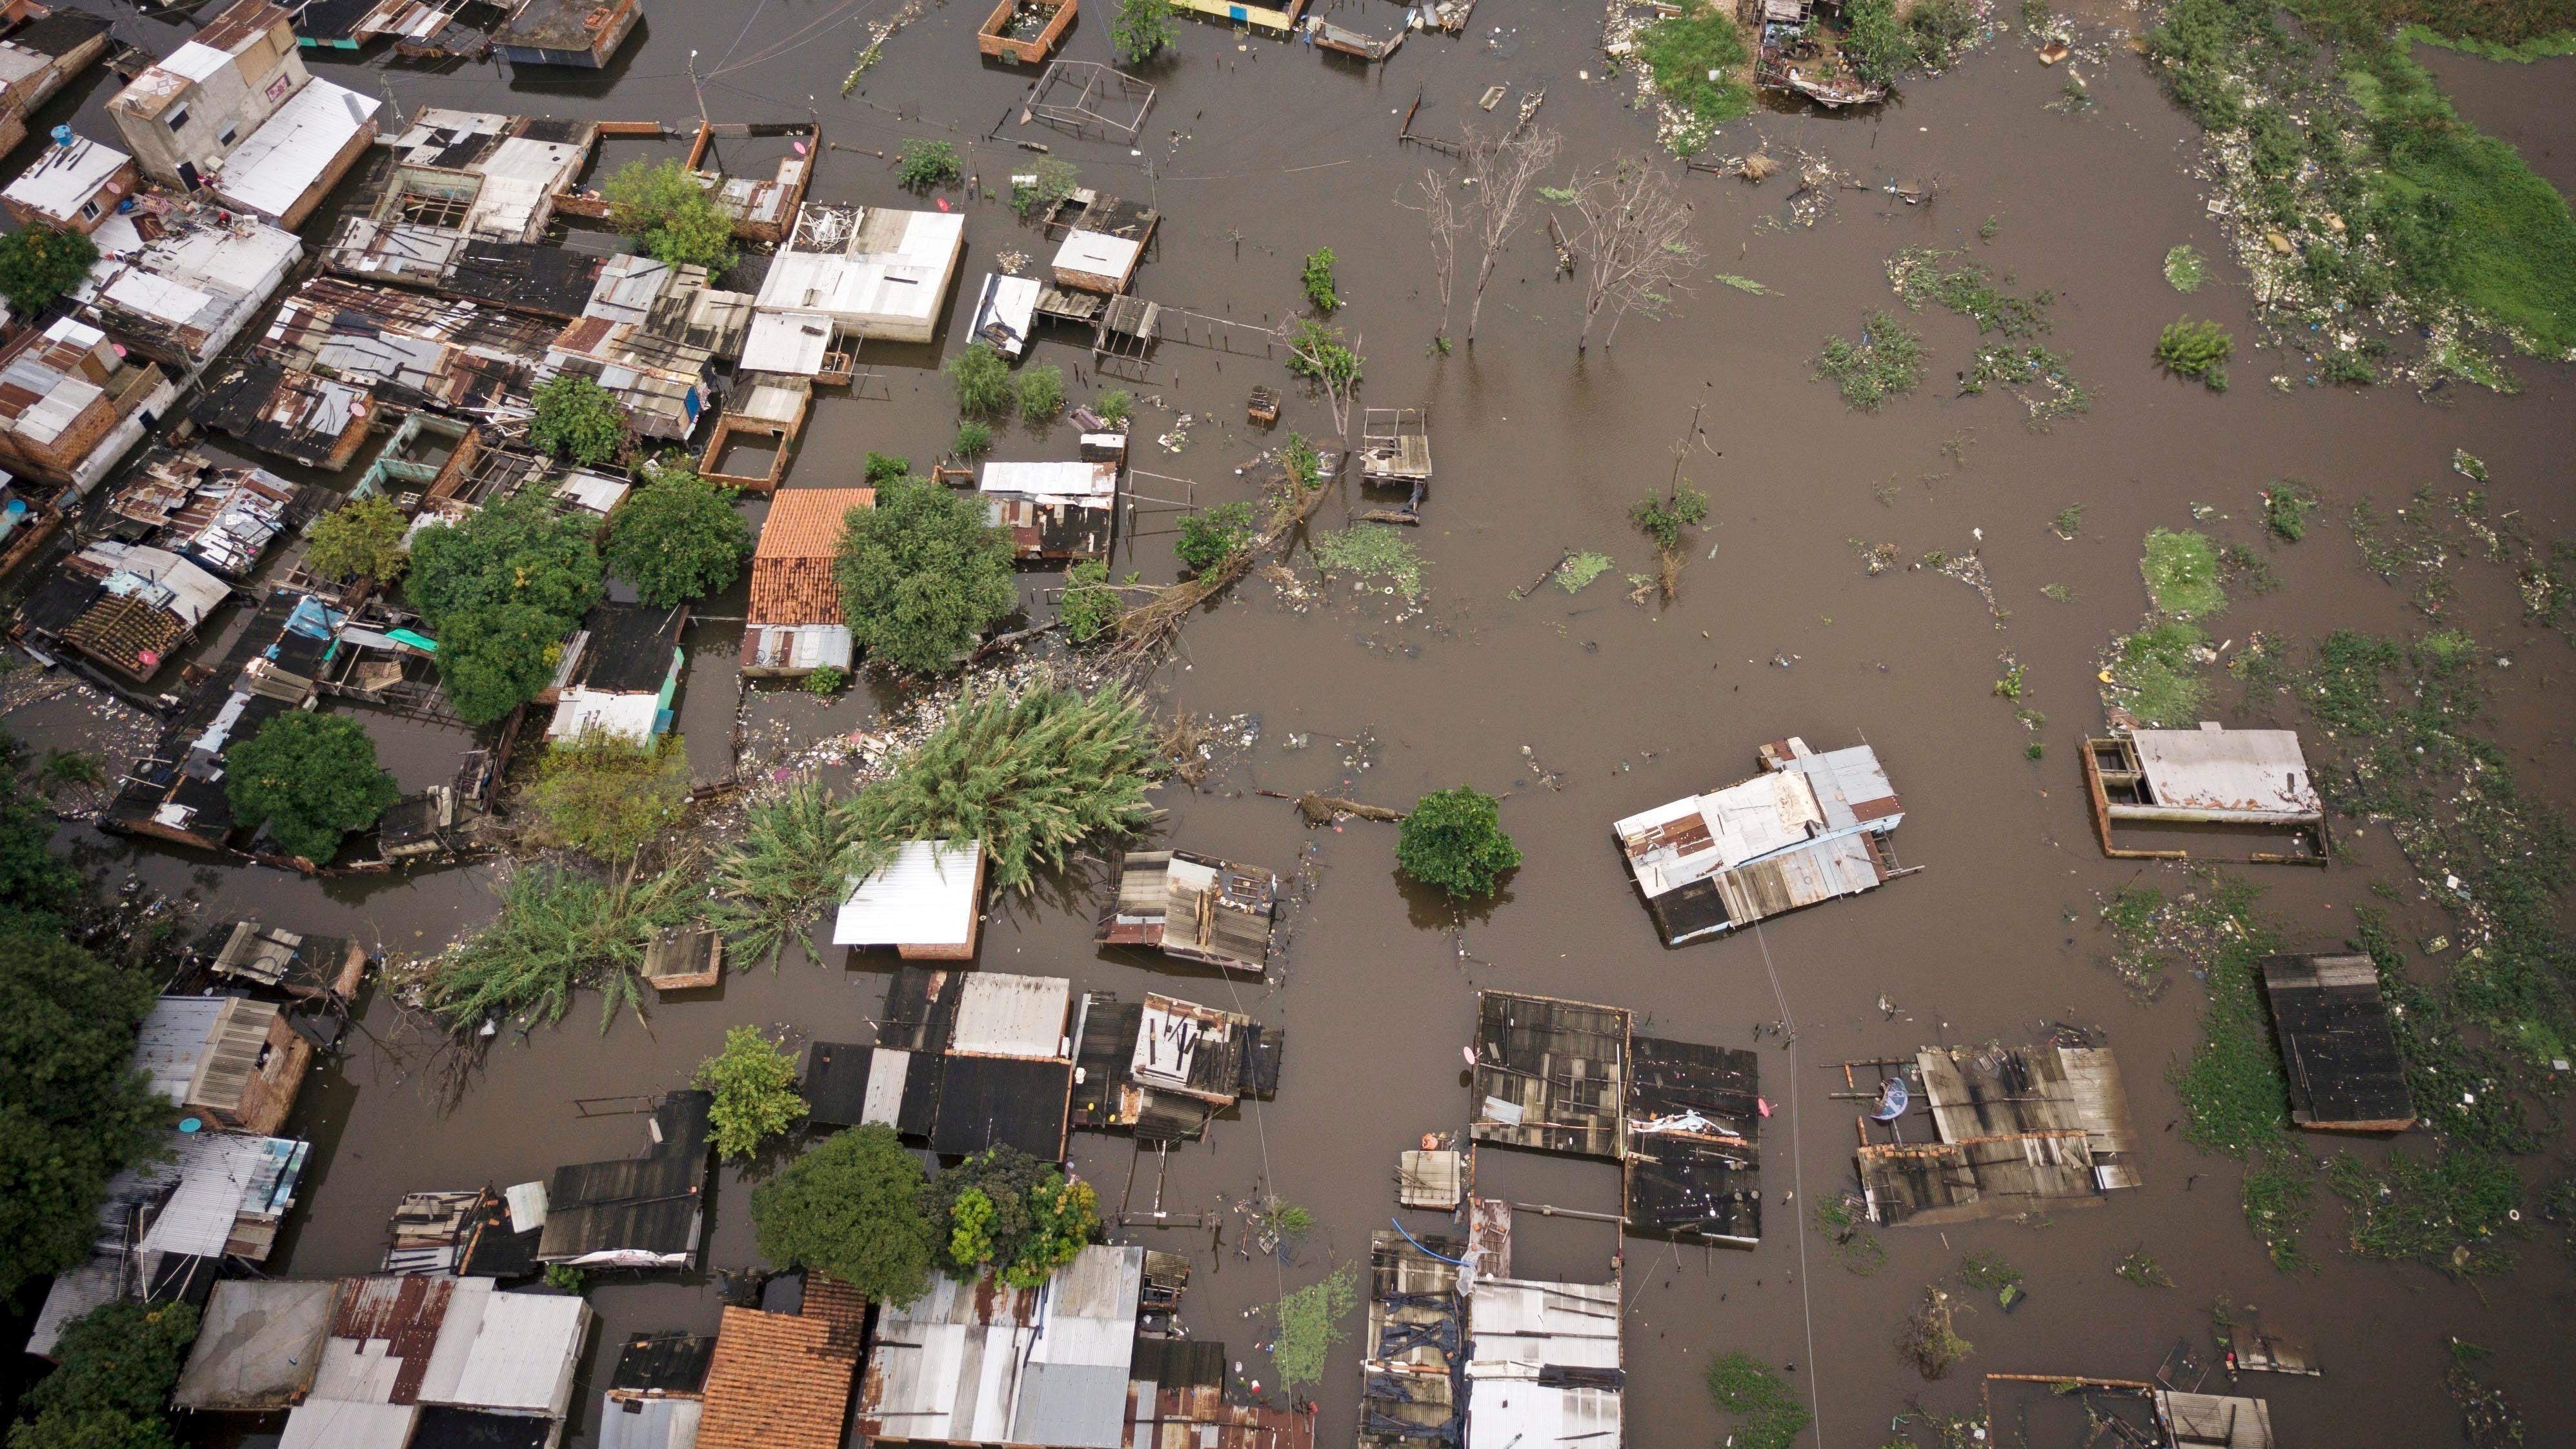 dpatopbilder - 11.05.2019, Paraguay, Asuncion: Die Luftaufnahme zeigt das ¸berschwemmte Viertel Ricardo Brugada, haupts‰chlich als La Chacarita bekannt, in der Hauptstadt von Paraguay. Nach heftigem Regen sind in Paraguay zahlreiche Dˆrfer, Felder und Straflen ¸berschwemmt worden. Im S¸den des s¸damerikanischen Landes erreichte der Paraguay-Fluss an vielen Stellen kritische Pegelst‰nde. Foto: Jorge Saenz/AP/dpa +++ dpa-Bildfunk +++